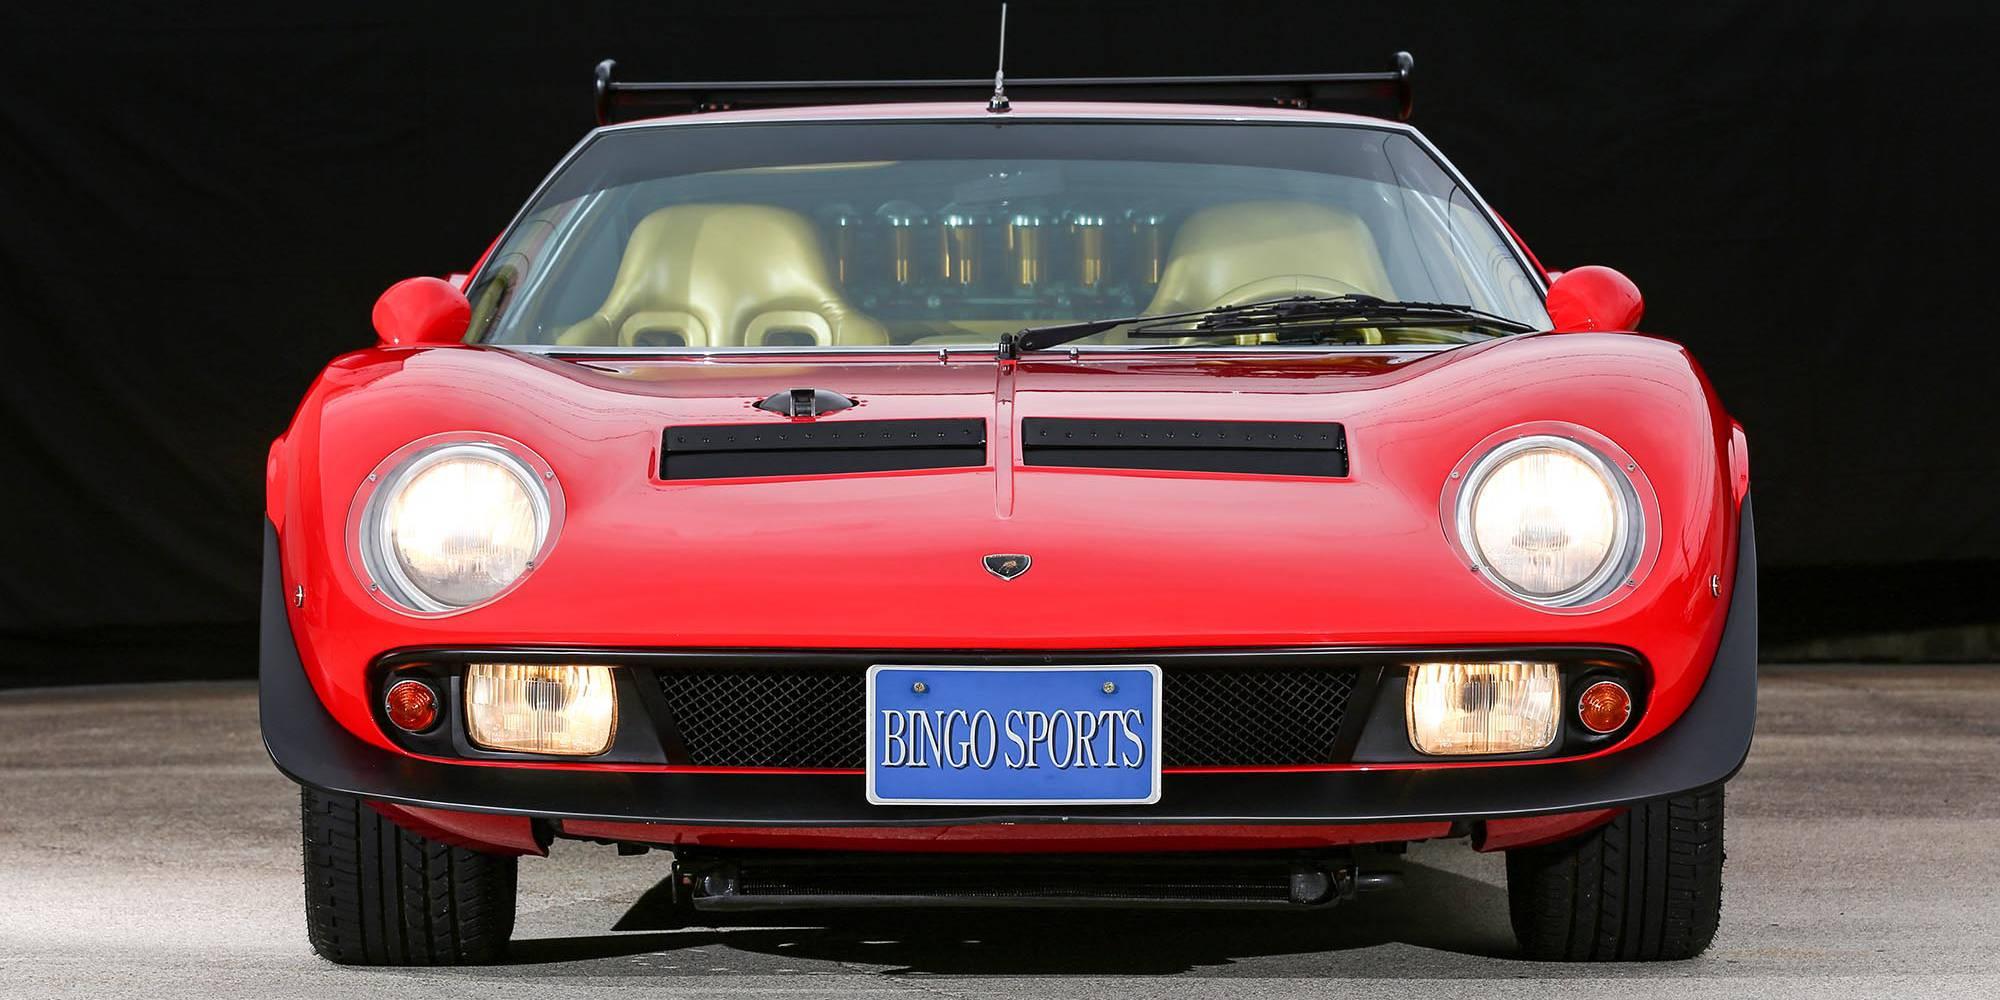 1968年式 ランボルギーニ イオタ Svr ビンゴスポーツ 希少車、 絶版車、高級車の販売・買取。